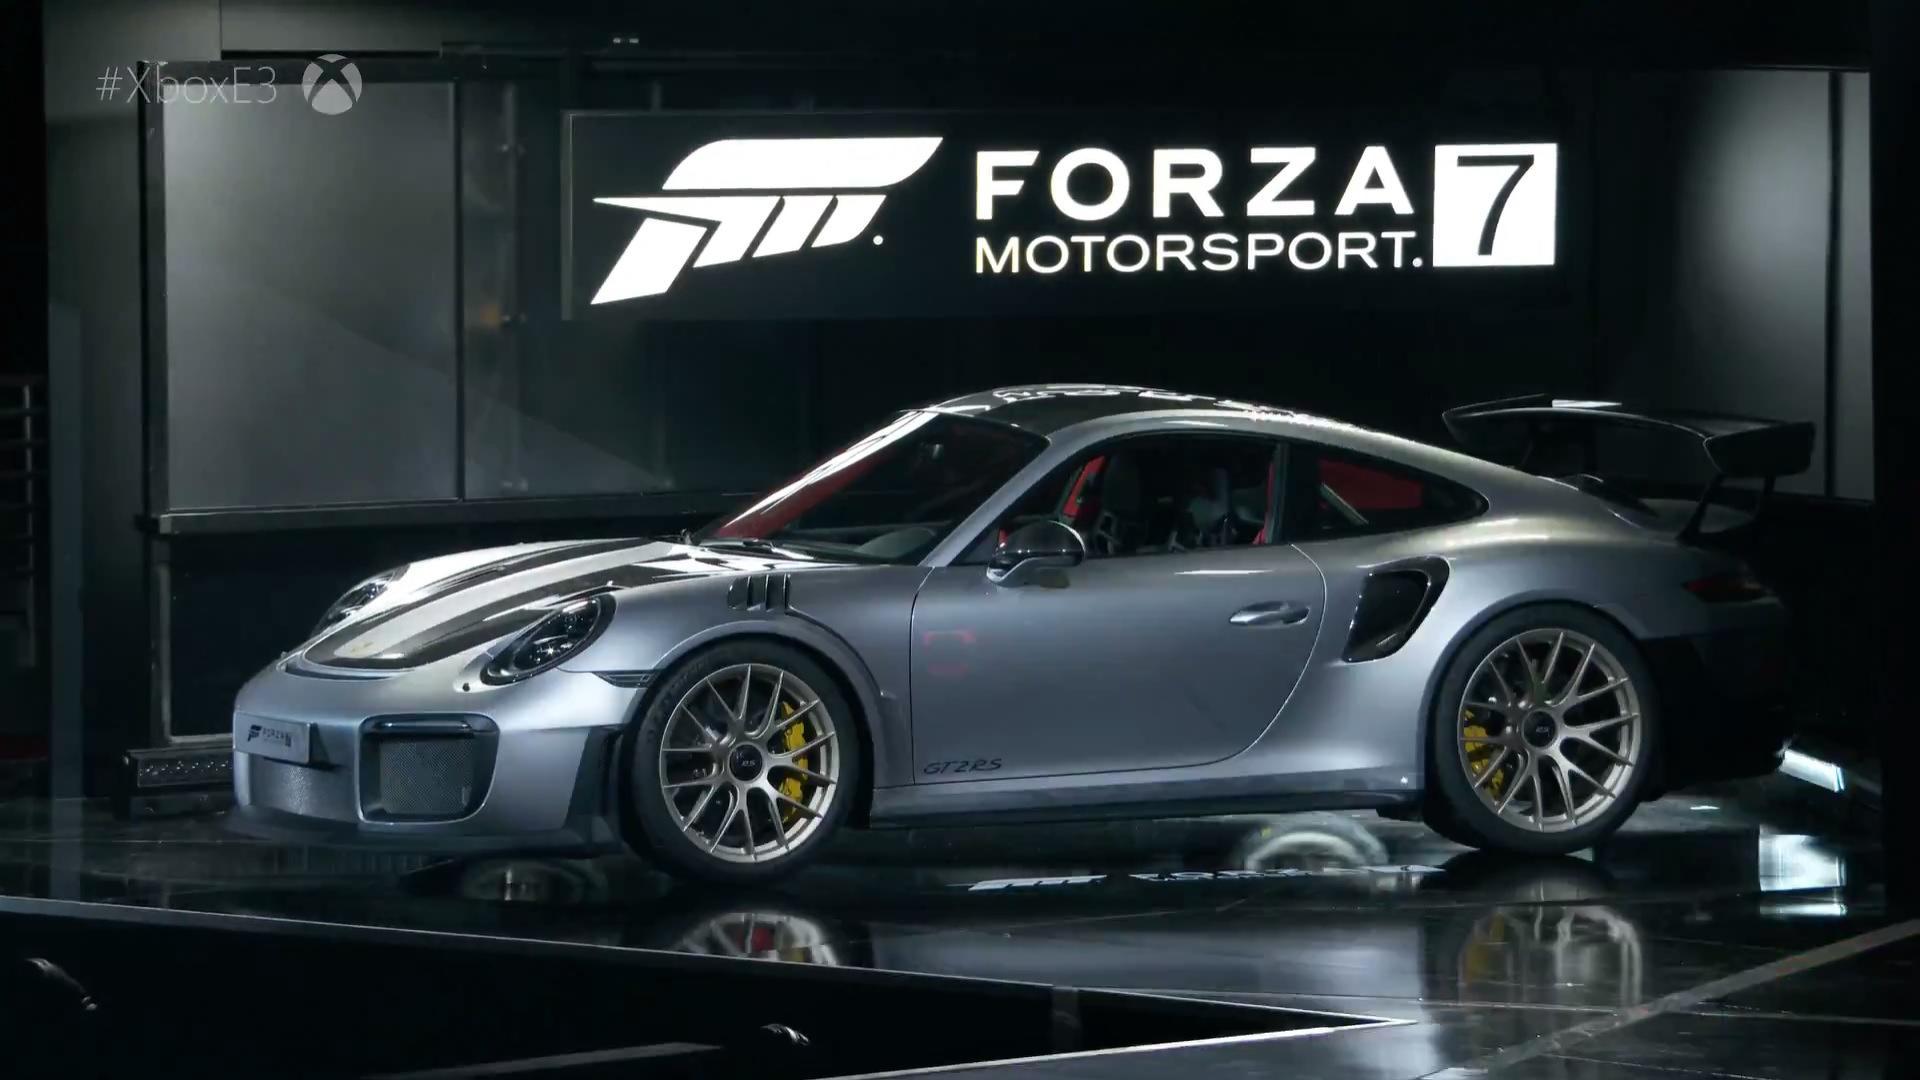 2018-porsche-911-gt2-rs-at-e3 Amazing Porsche 911 Gt2 Rs Engine Cars Trend